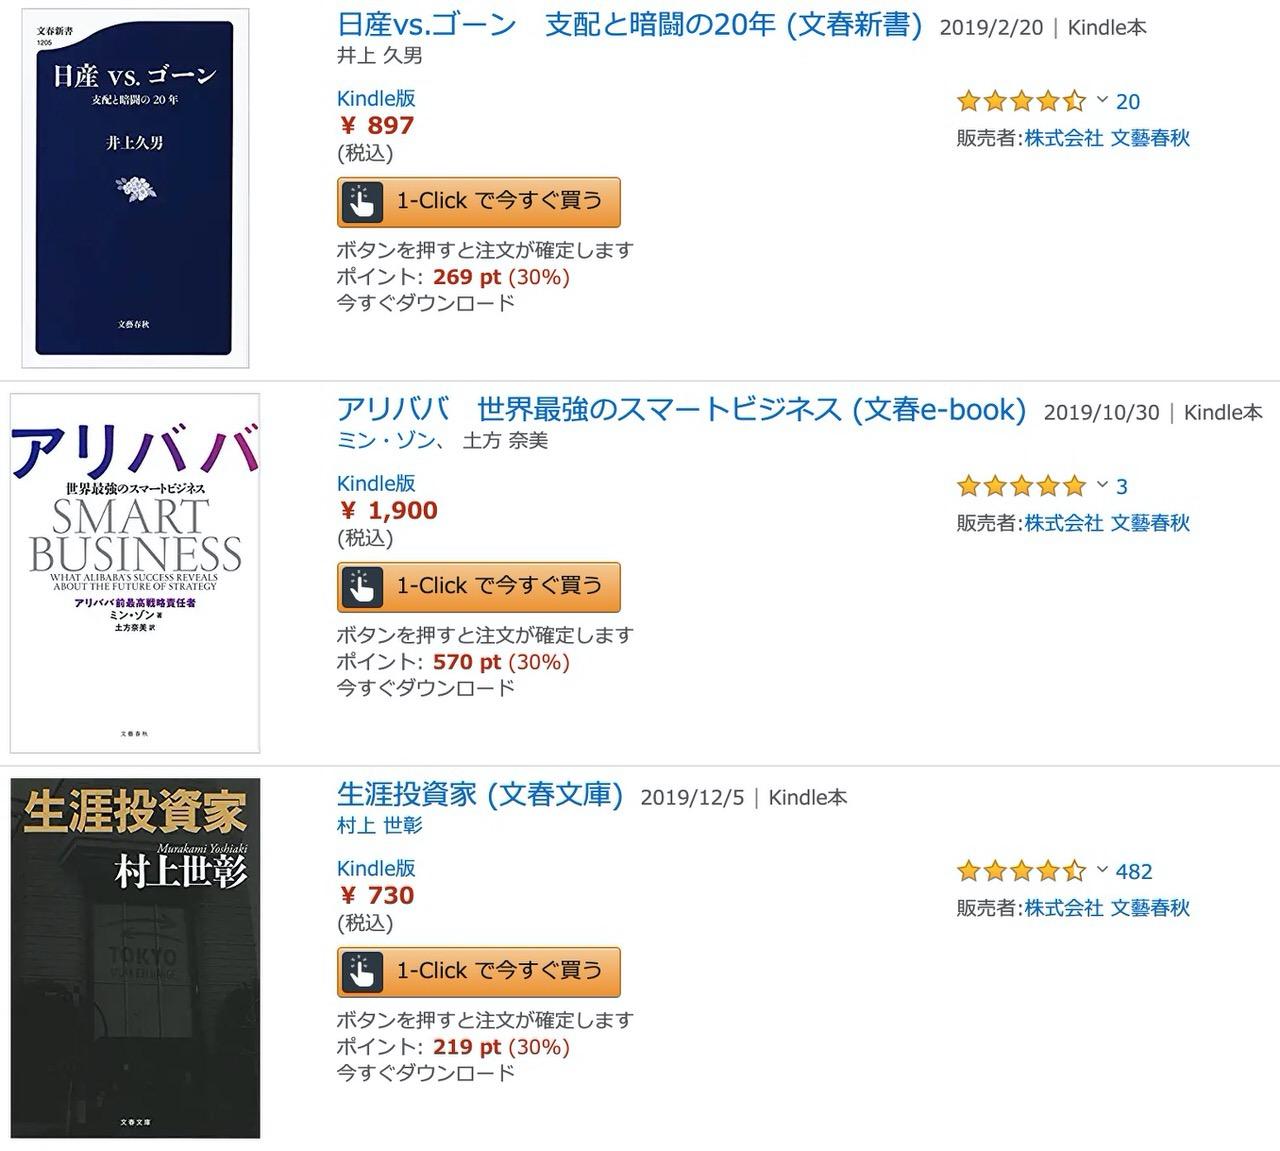 【Kindleセール】横浜ストロングスタイル・YouTube革命・僕たちが何者でもなかった頃の話をしよう、など30%ポイント還元「仕事の極意がここに! ビジネス書フェア」(2/25まで)